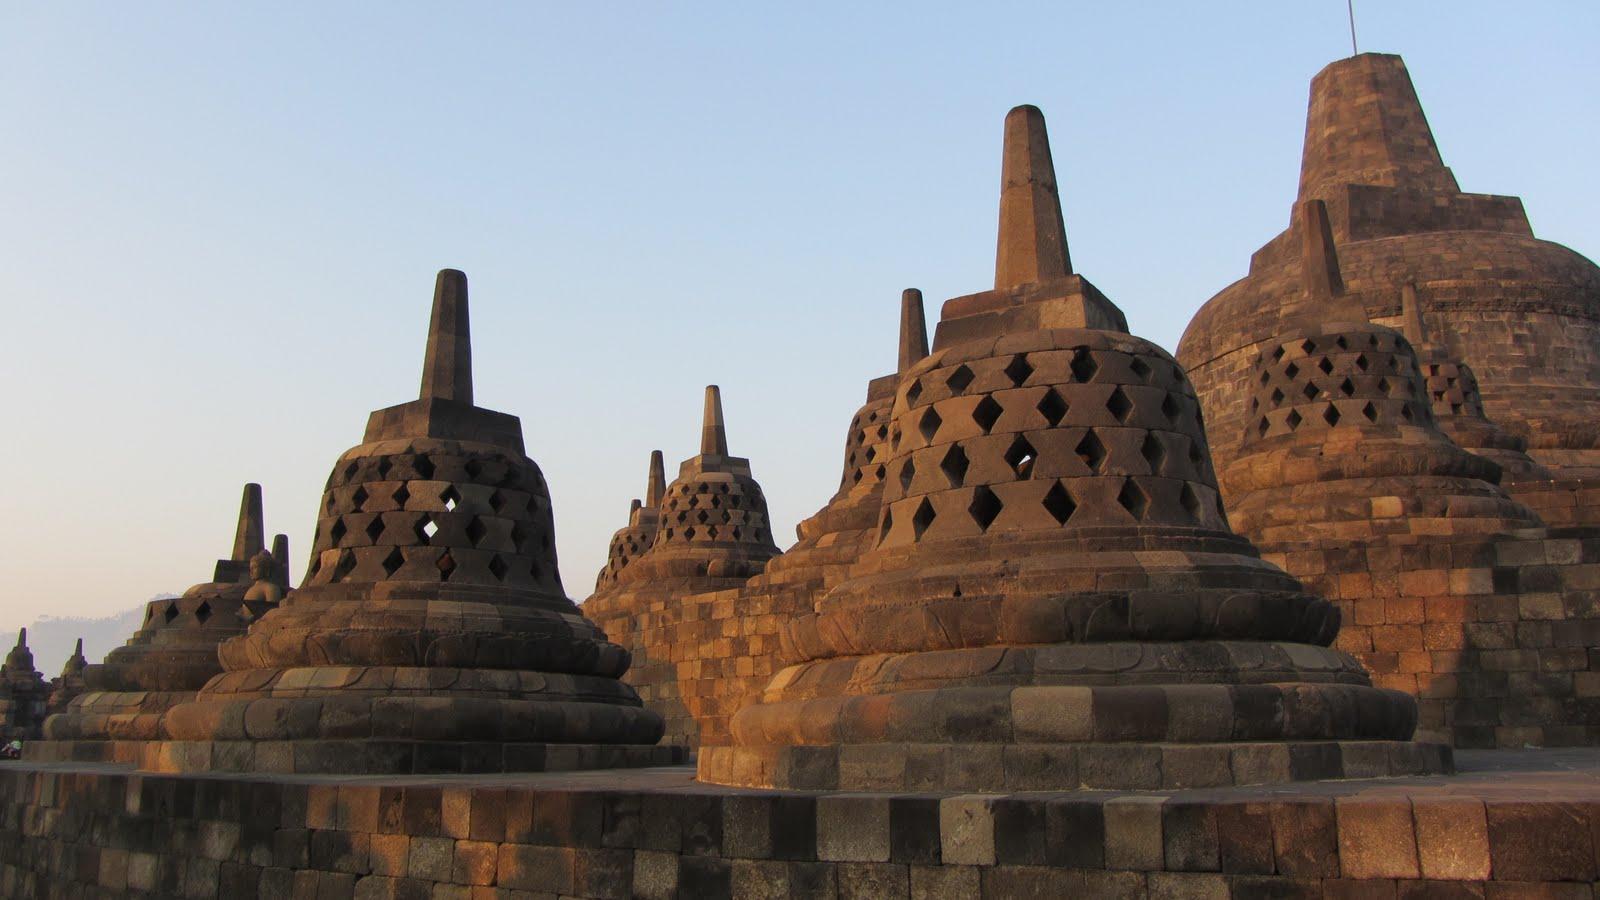 افضل الانشطه السياحيه في جاوة الوسطى (3)